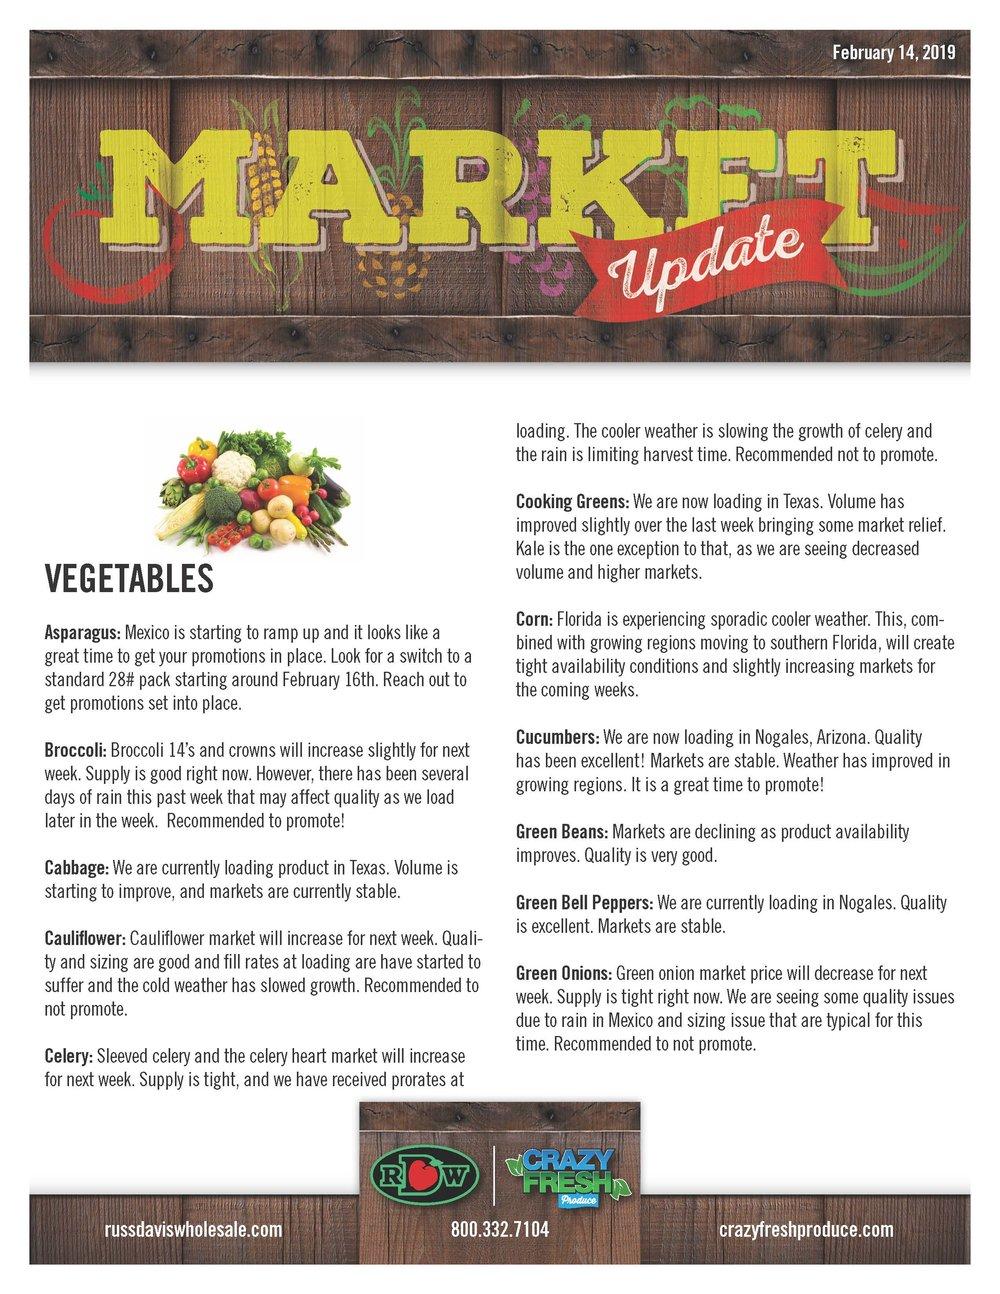 RDW_Market_Update_Feb14_19_Page_1.jpg